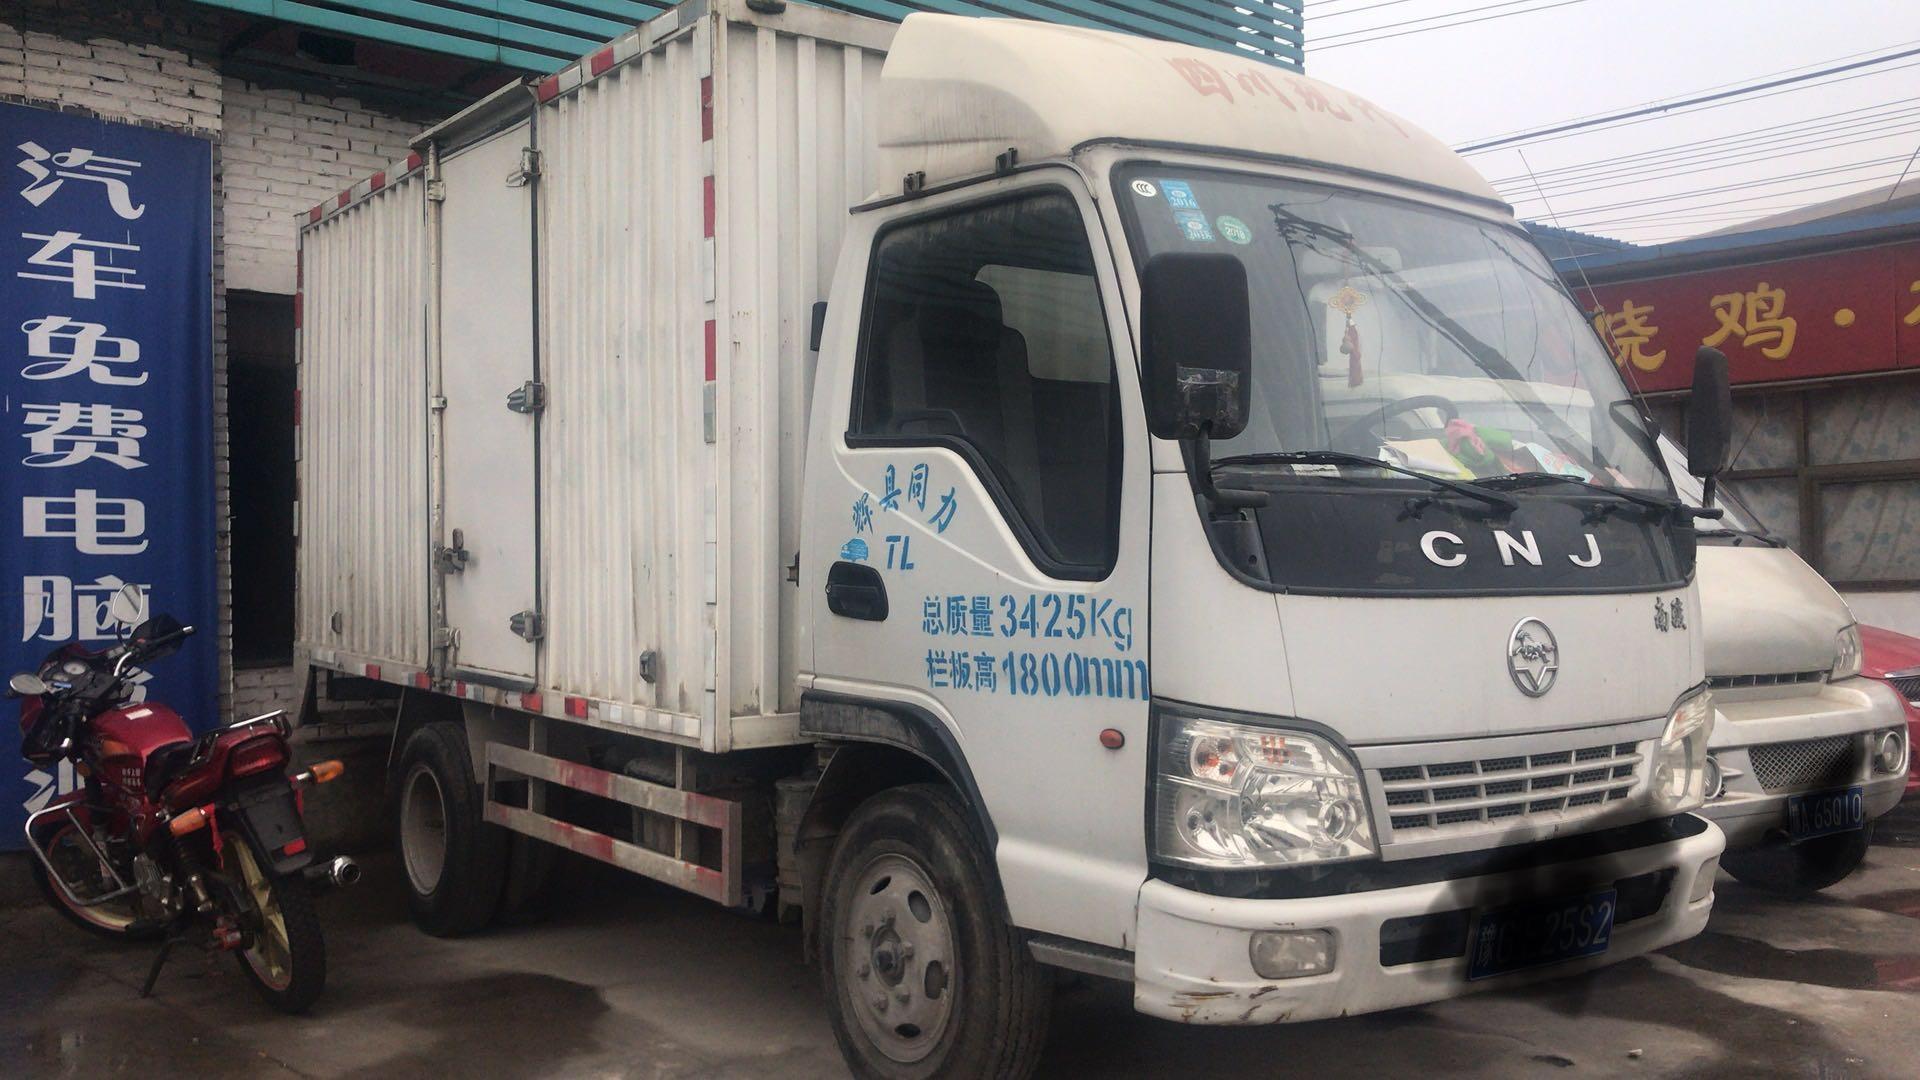 3.8米廂式貨車